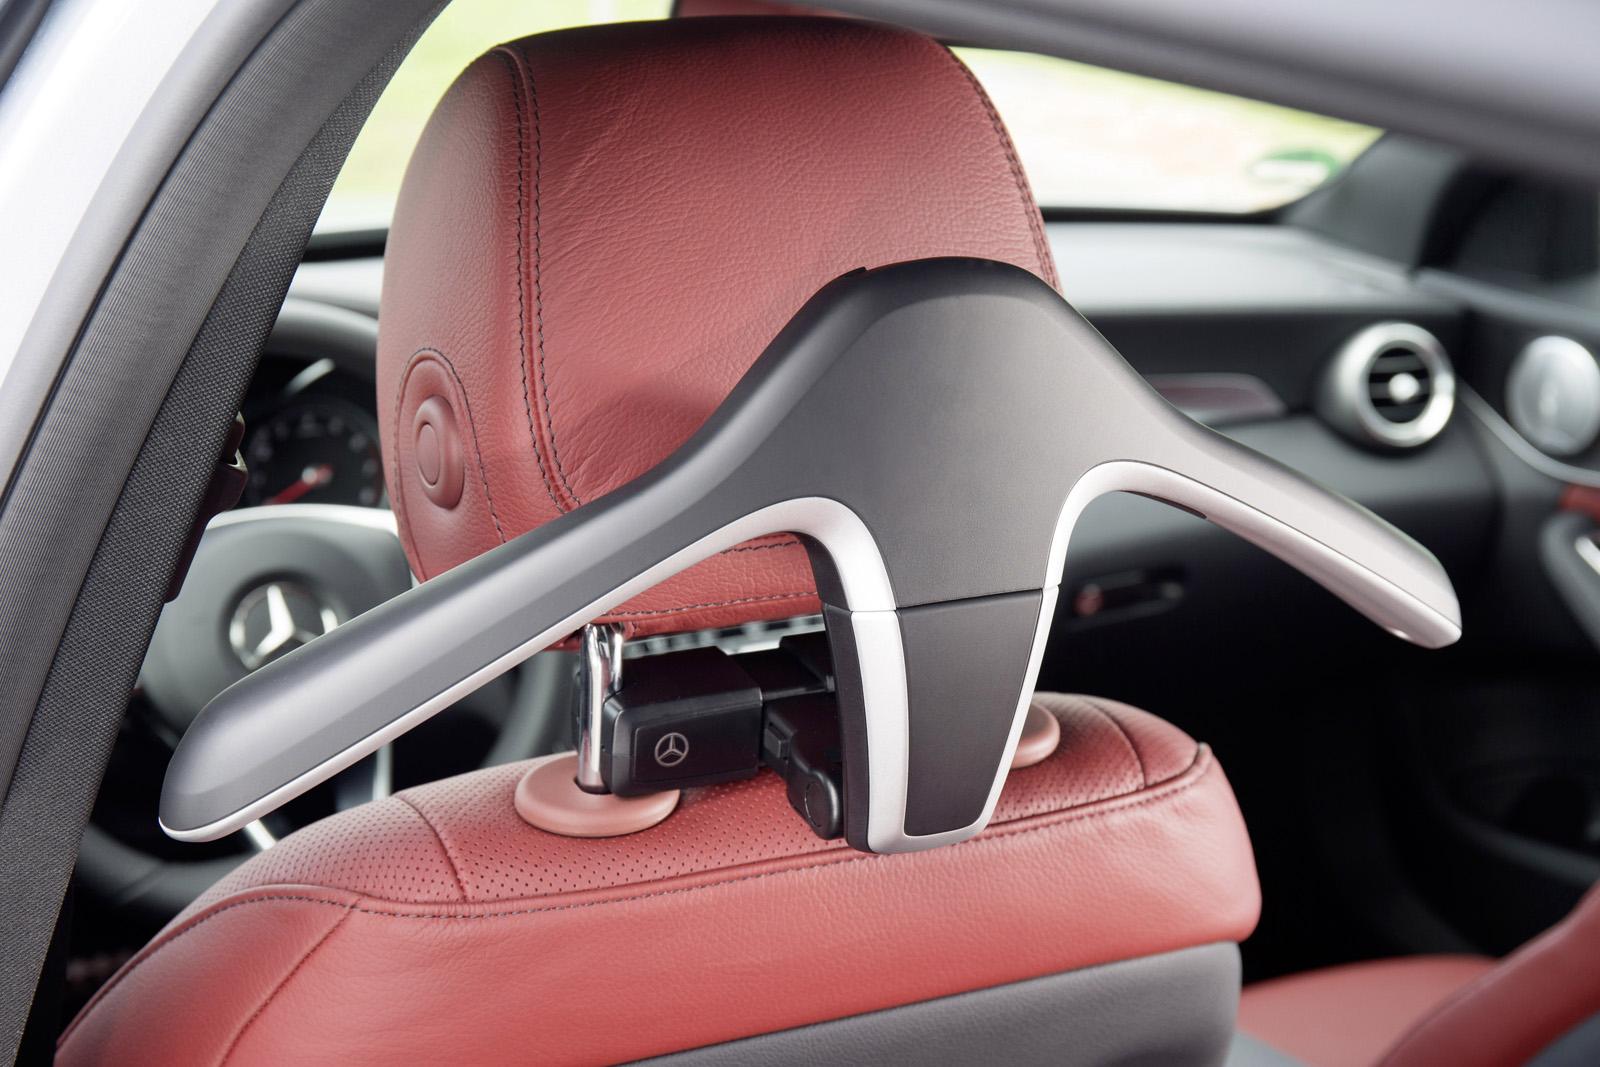 بالصور اكسسوارات سيارات , اجعلى سيارتك مميزه ببعض الاكسسوارات 4547 3